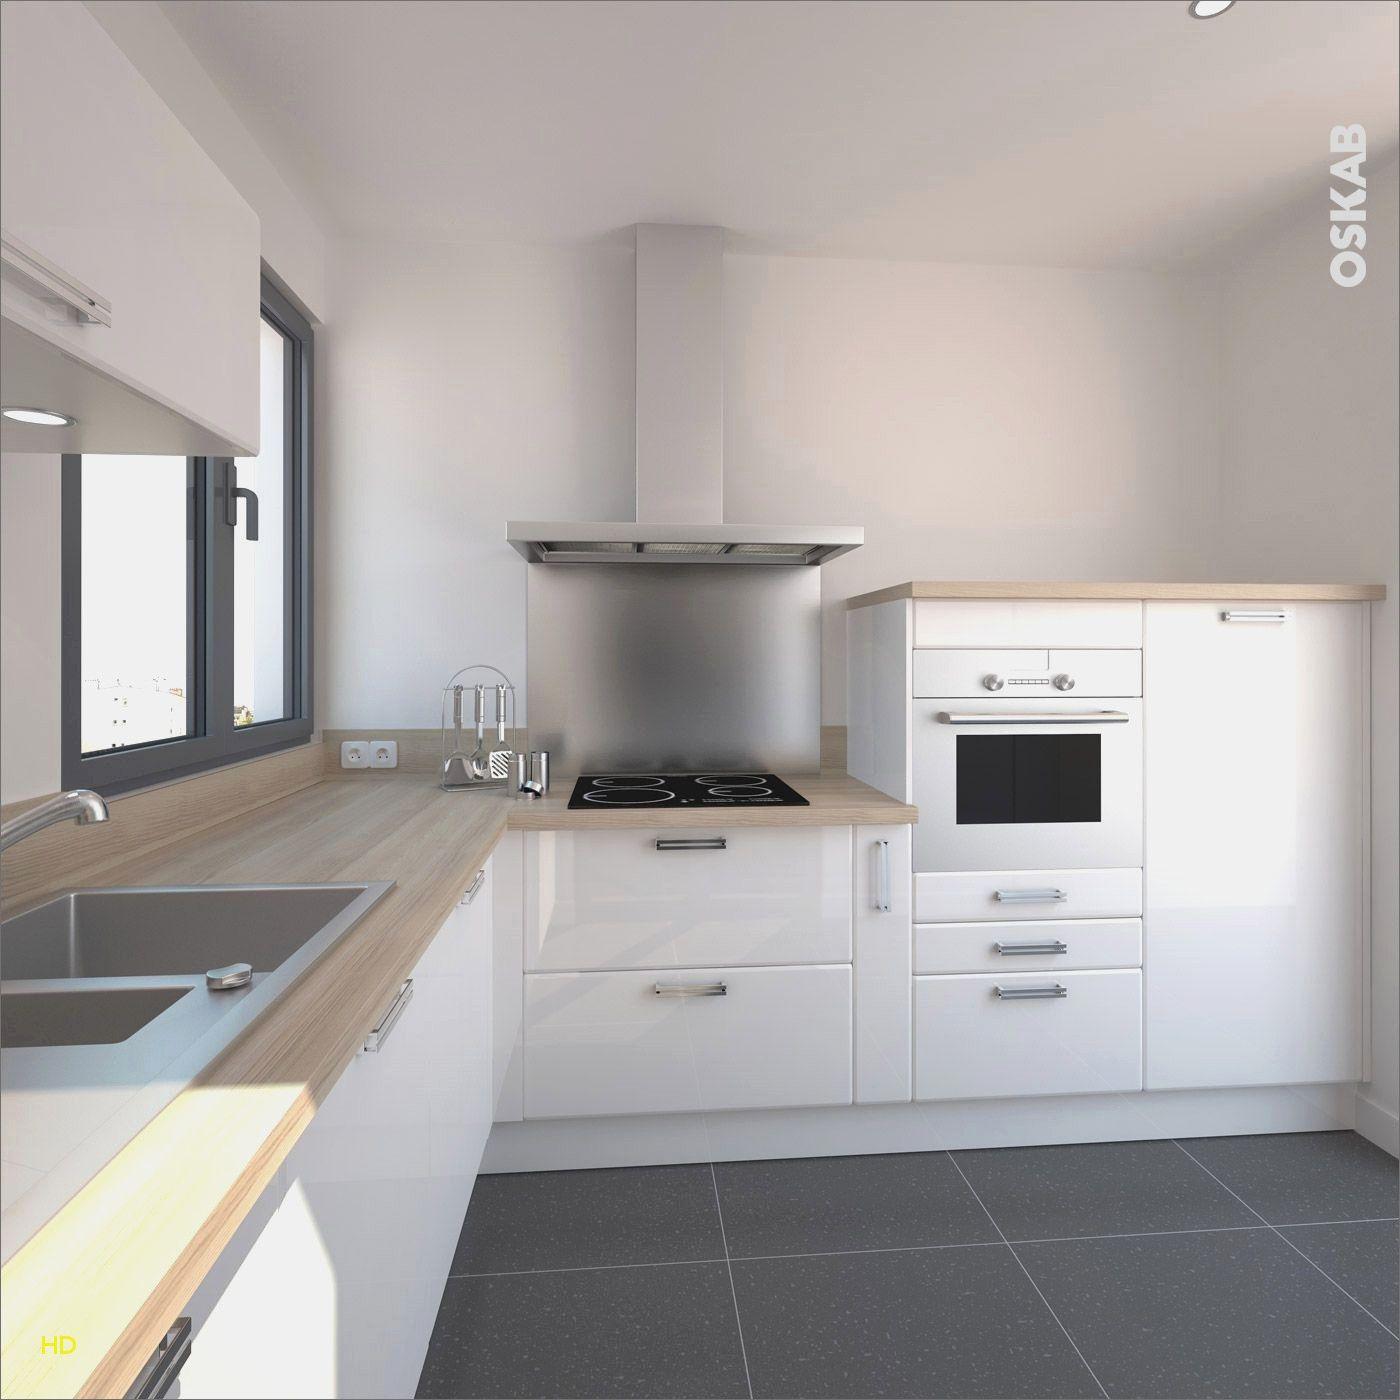 Unique Cuisine Blanche Plan De Travail Bois Kitchen Layout Kitchen Design Home Decor Kitchen